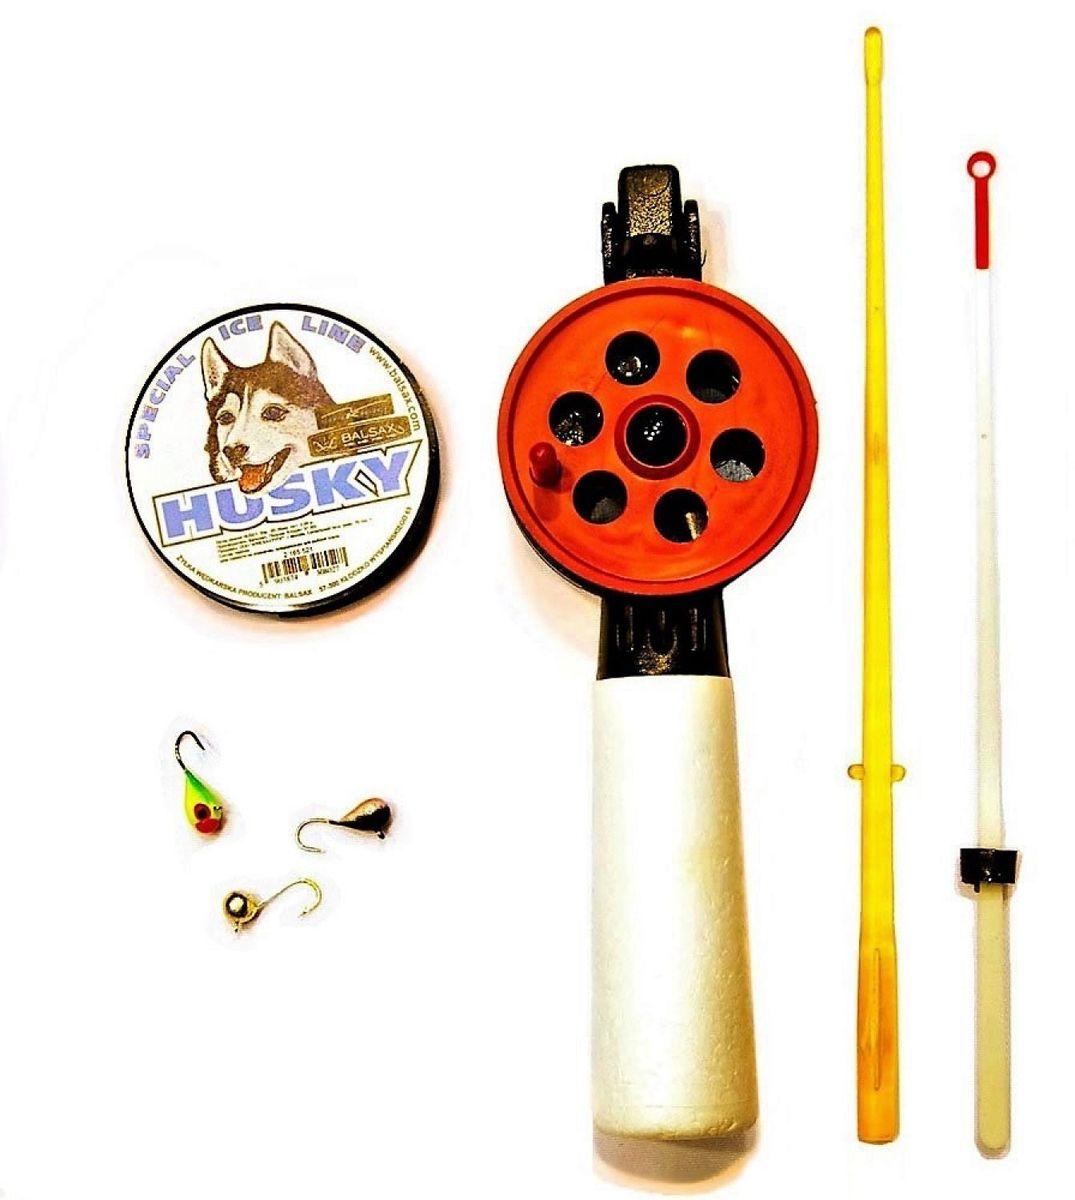 Набор для зимней рыбалки Аляска На Плотву, со сторожкомА2017/НЗ12Набор для ловли плотвы на кивок со льда. Плотва активнее клюет на легкие и тоненькие снасти.Состав набора:удочка с удлиненной рукояткой,приманкой,чувствительный сторожок, три вольфрамовые мормышки разных расцветок и диаметров, форм, леска длиной 30 м идиаметром 0,06 мм.